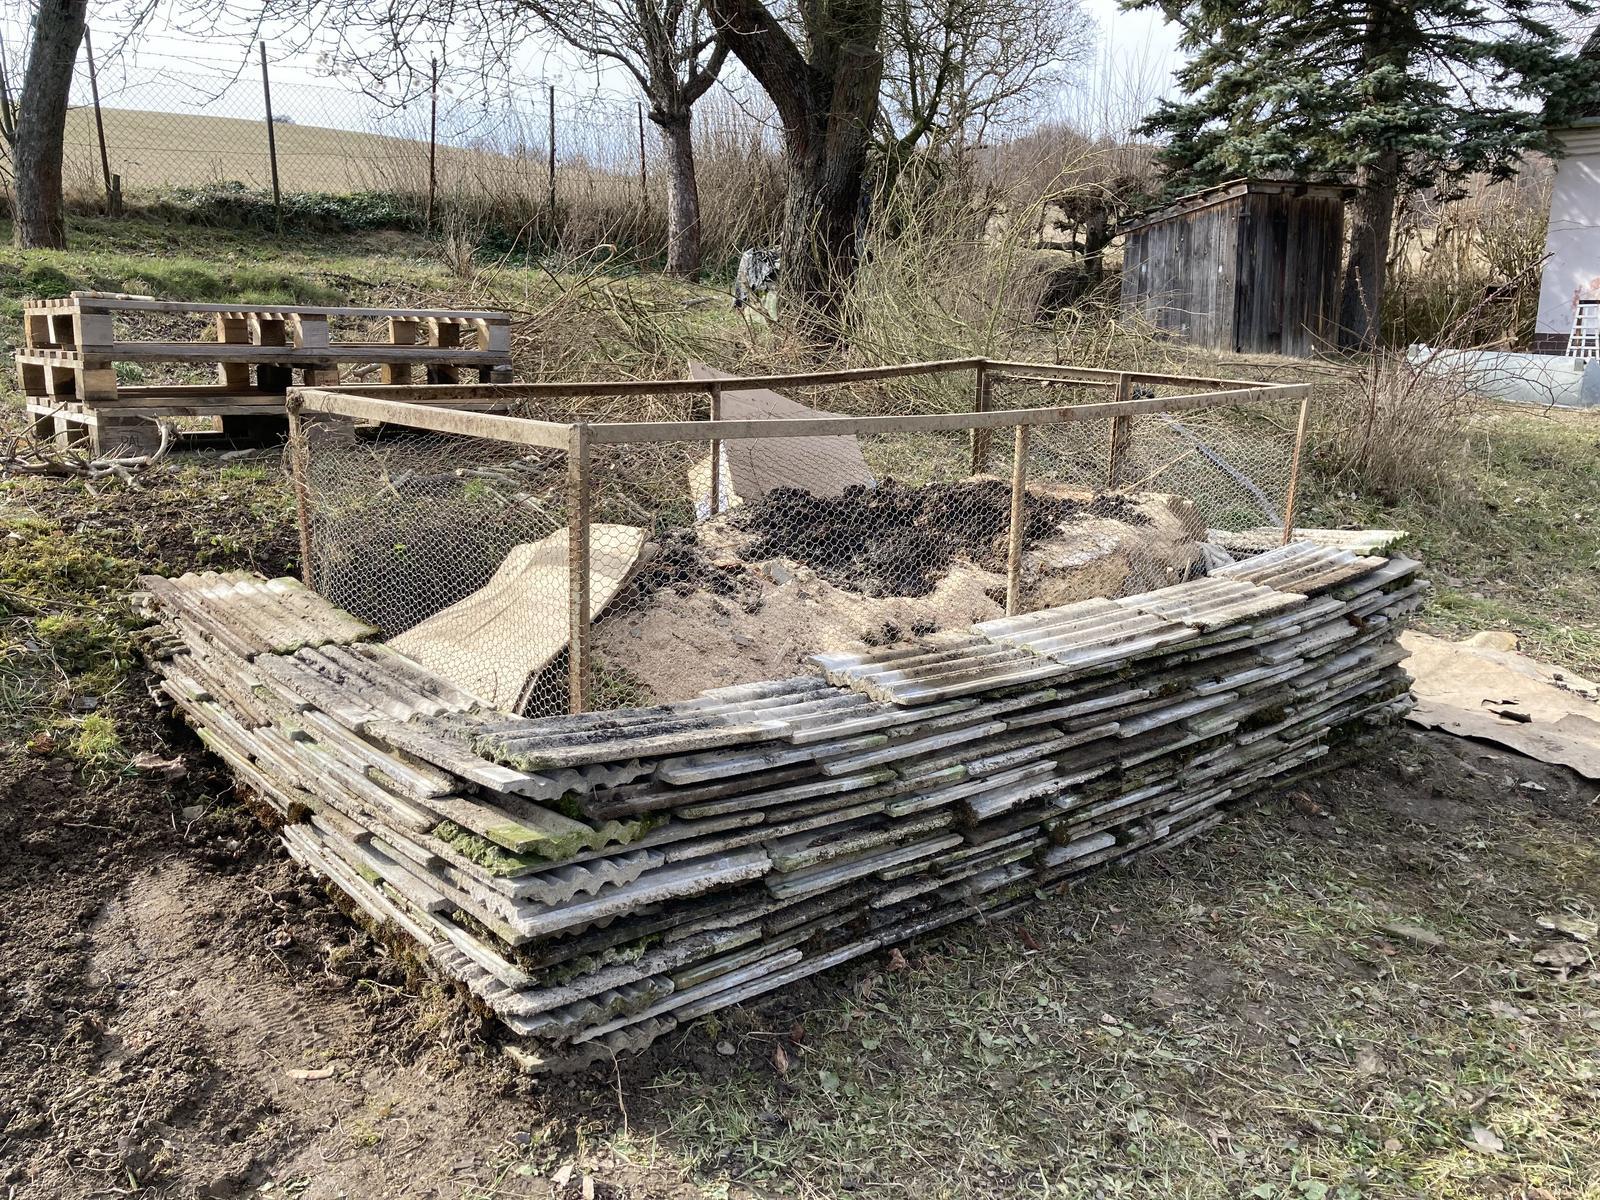 Dom - pokus o vyvyseny zahon